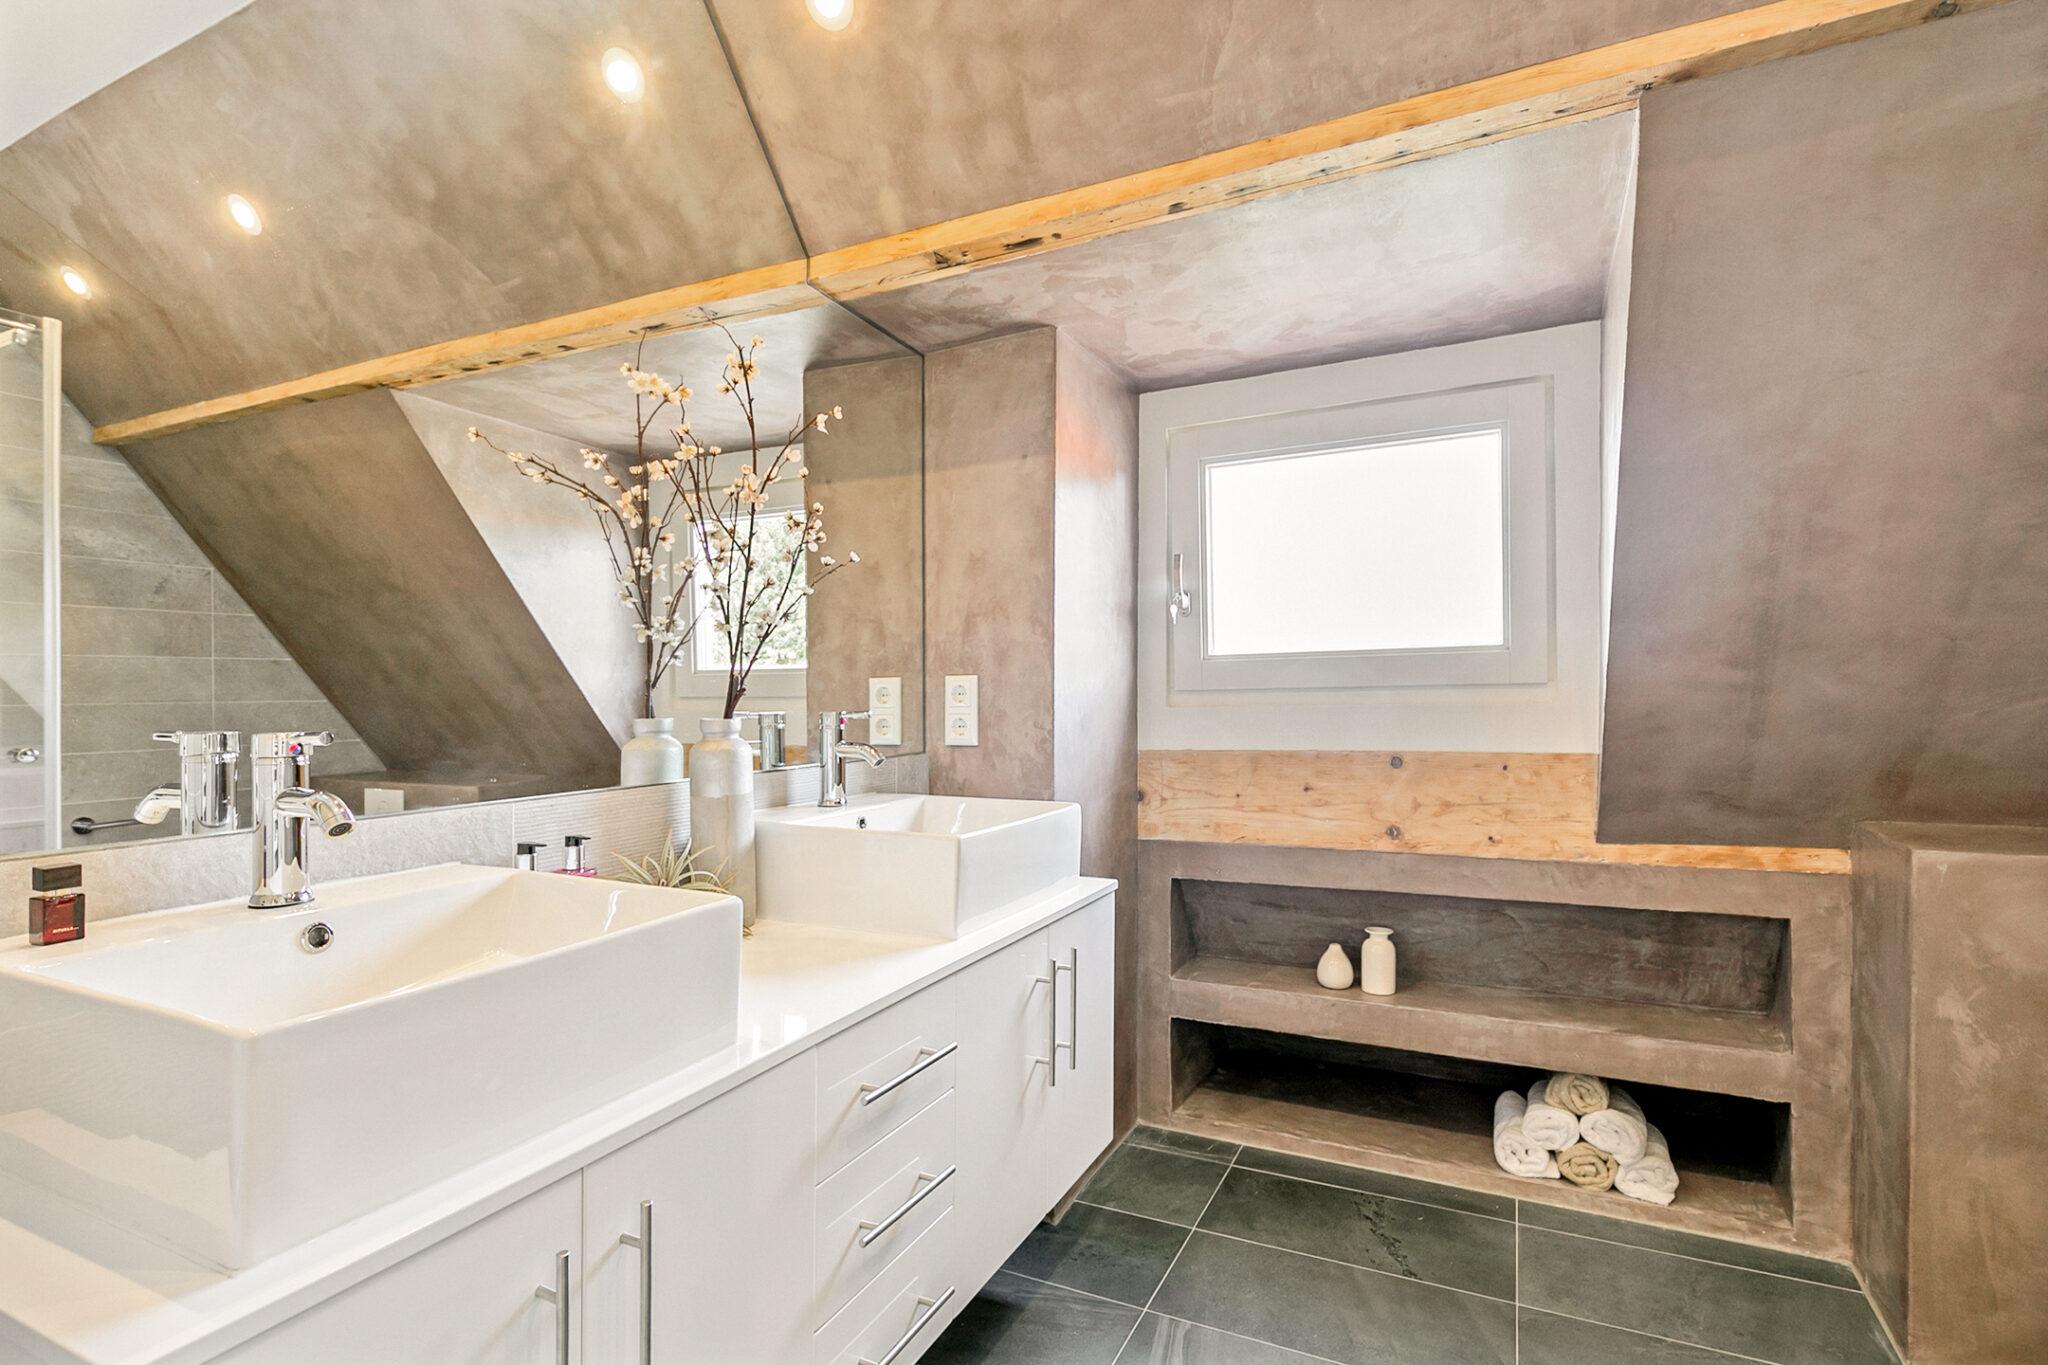 Pieter van Aschstraat 2B badkamer met ruim wastafelmeubel